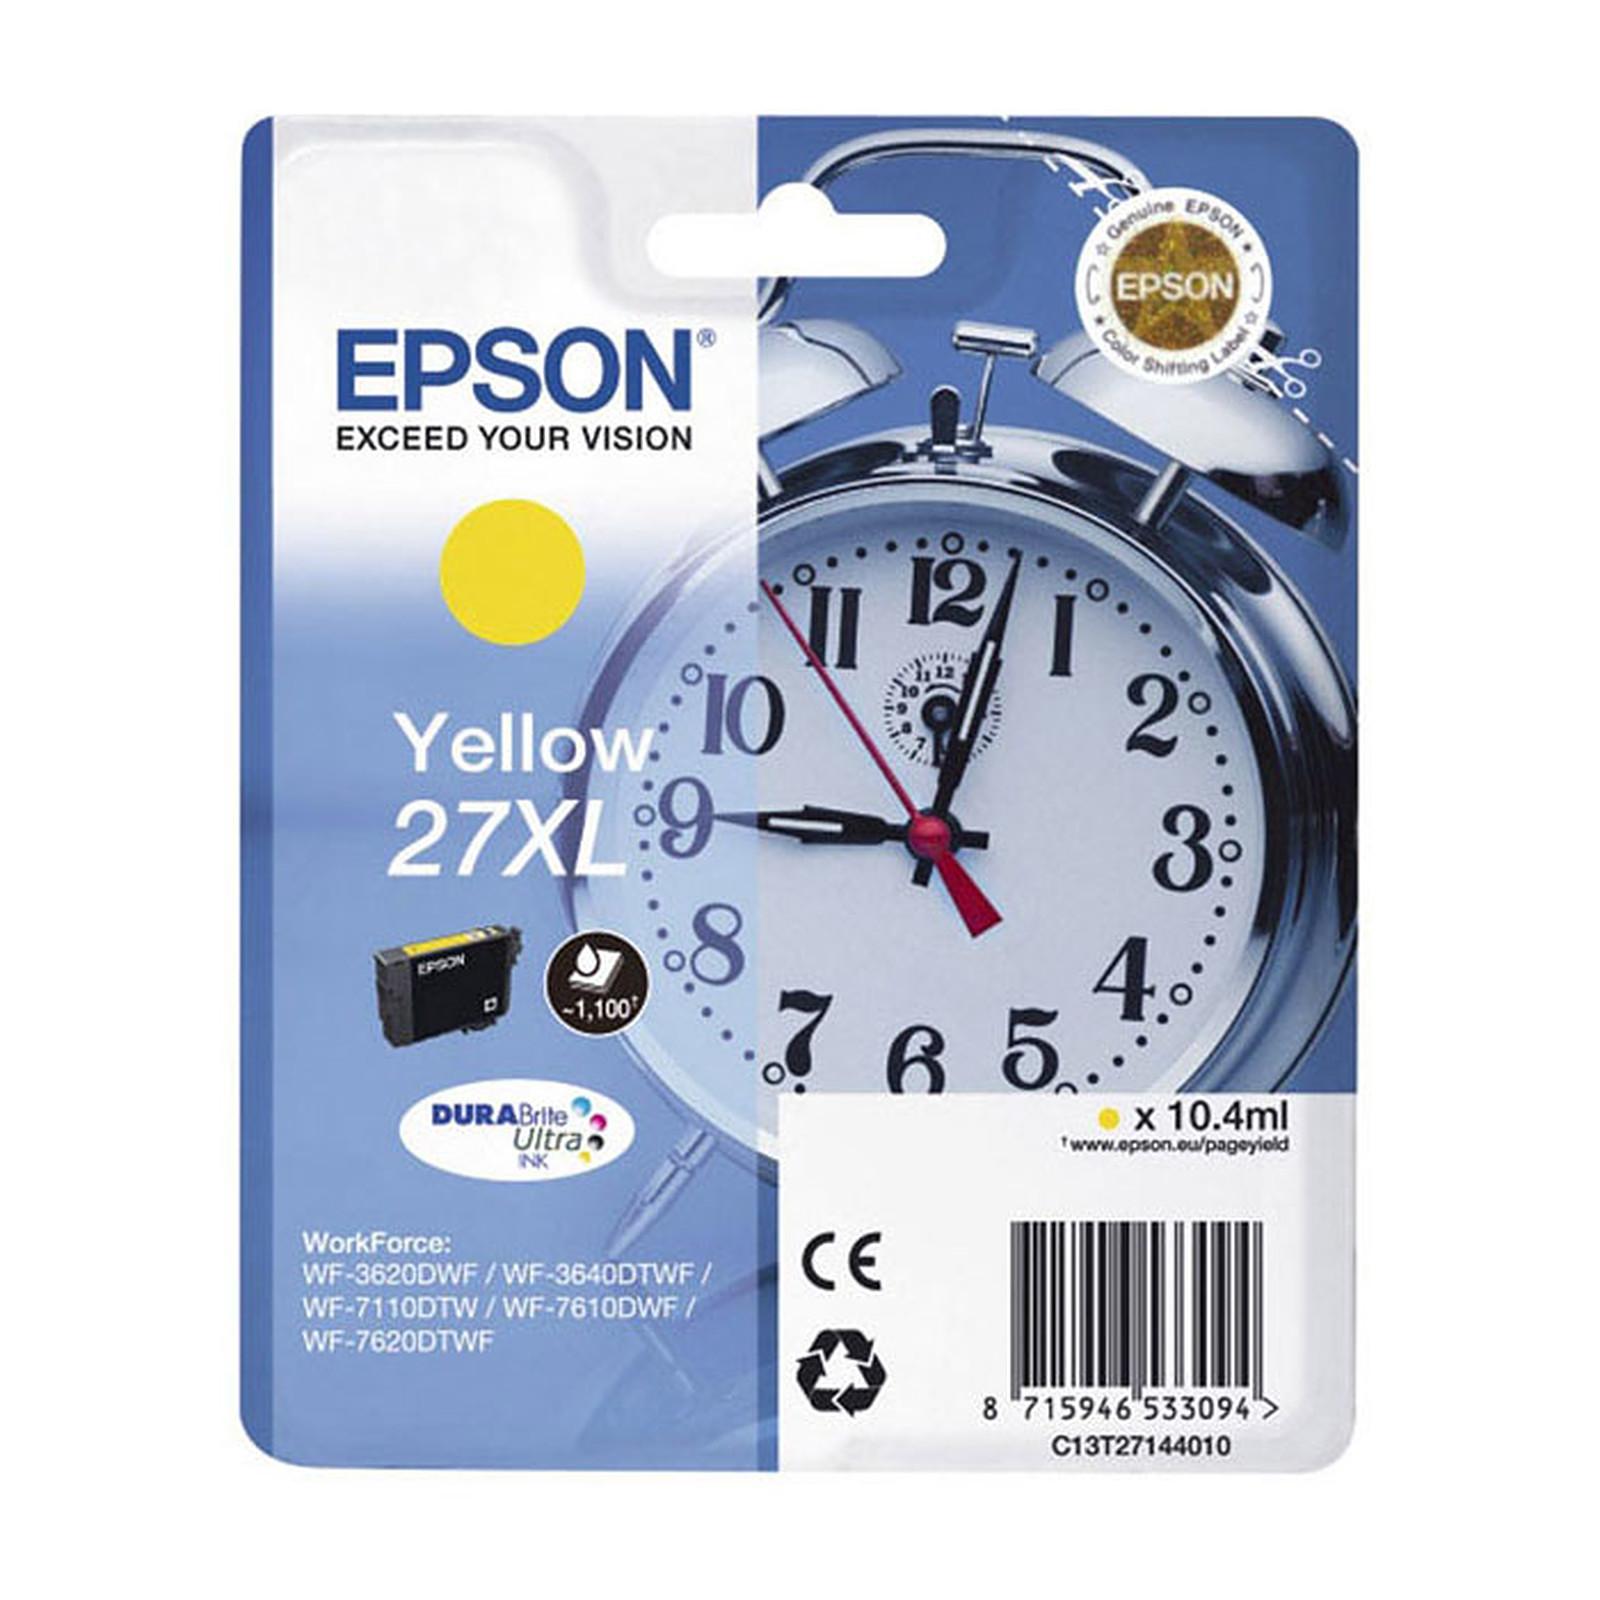 Epson Réveil 27XL Jaune